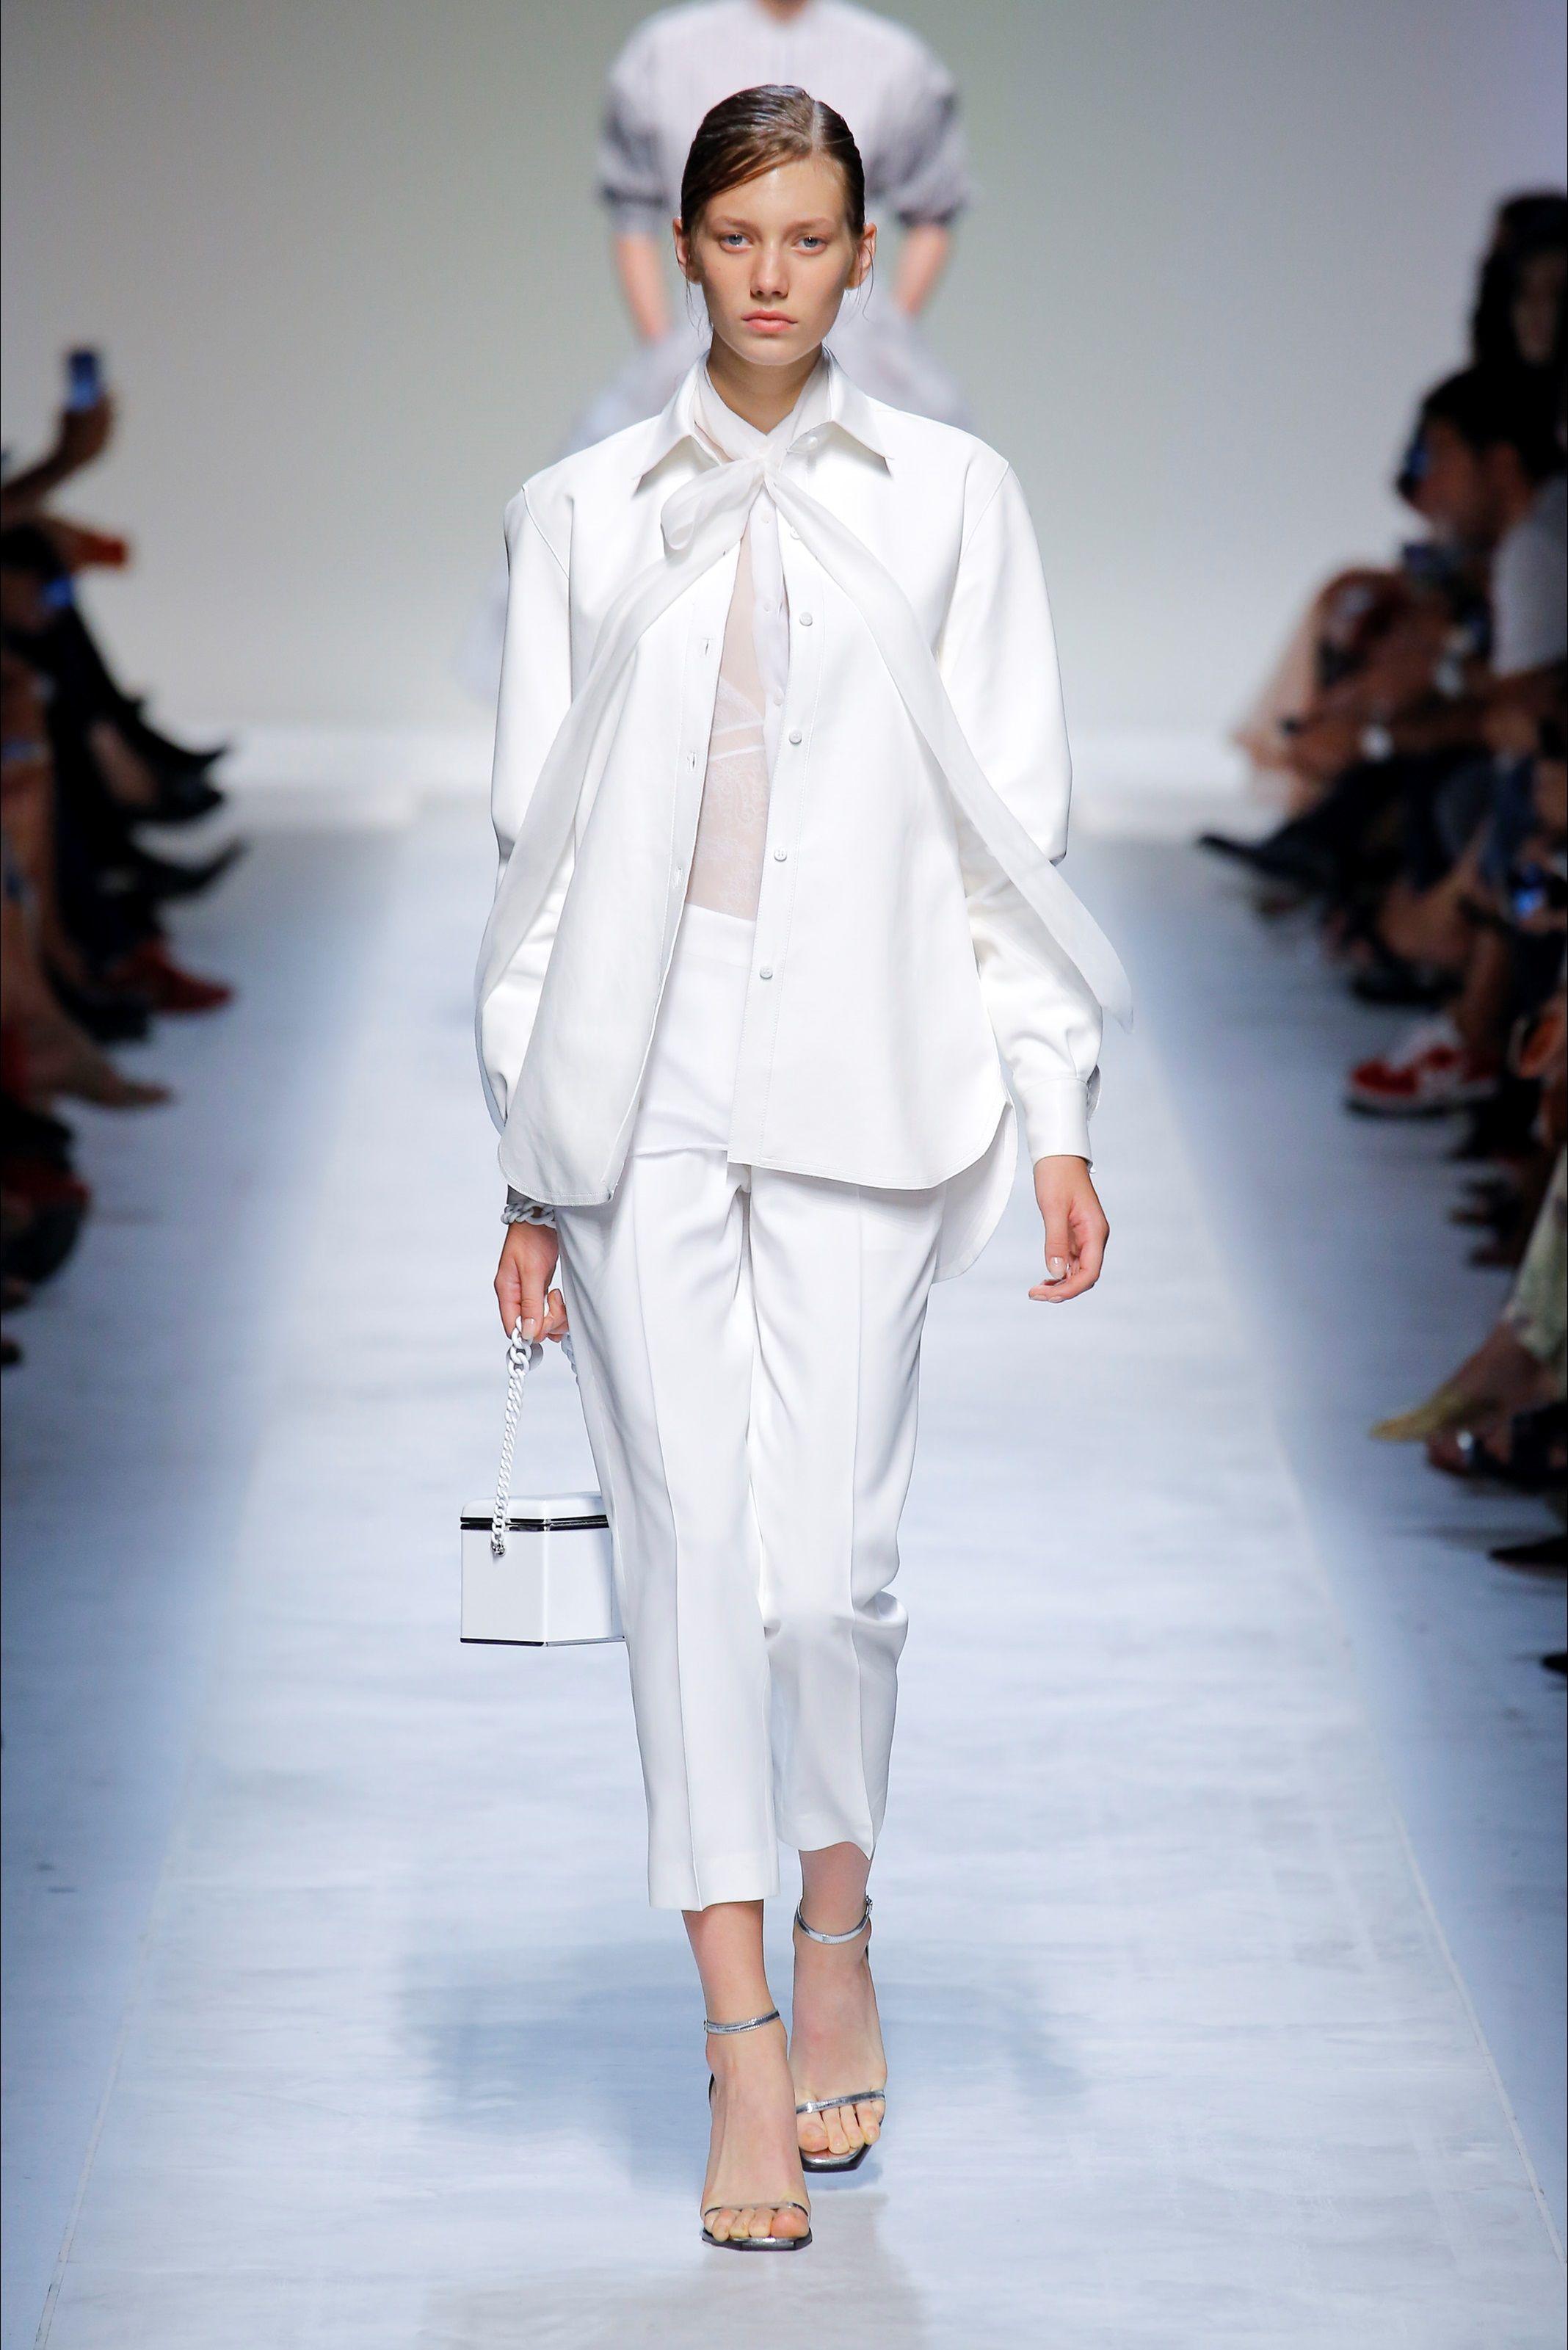 8211154363 Sfilata Ermanno Scervino Milano - Collezioni Primavera Estate 2019 - Vogue